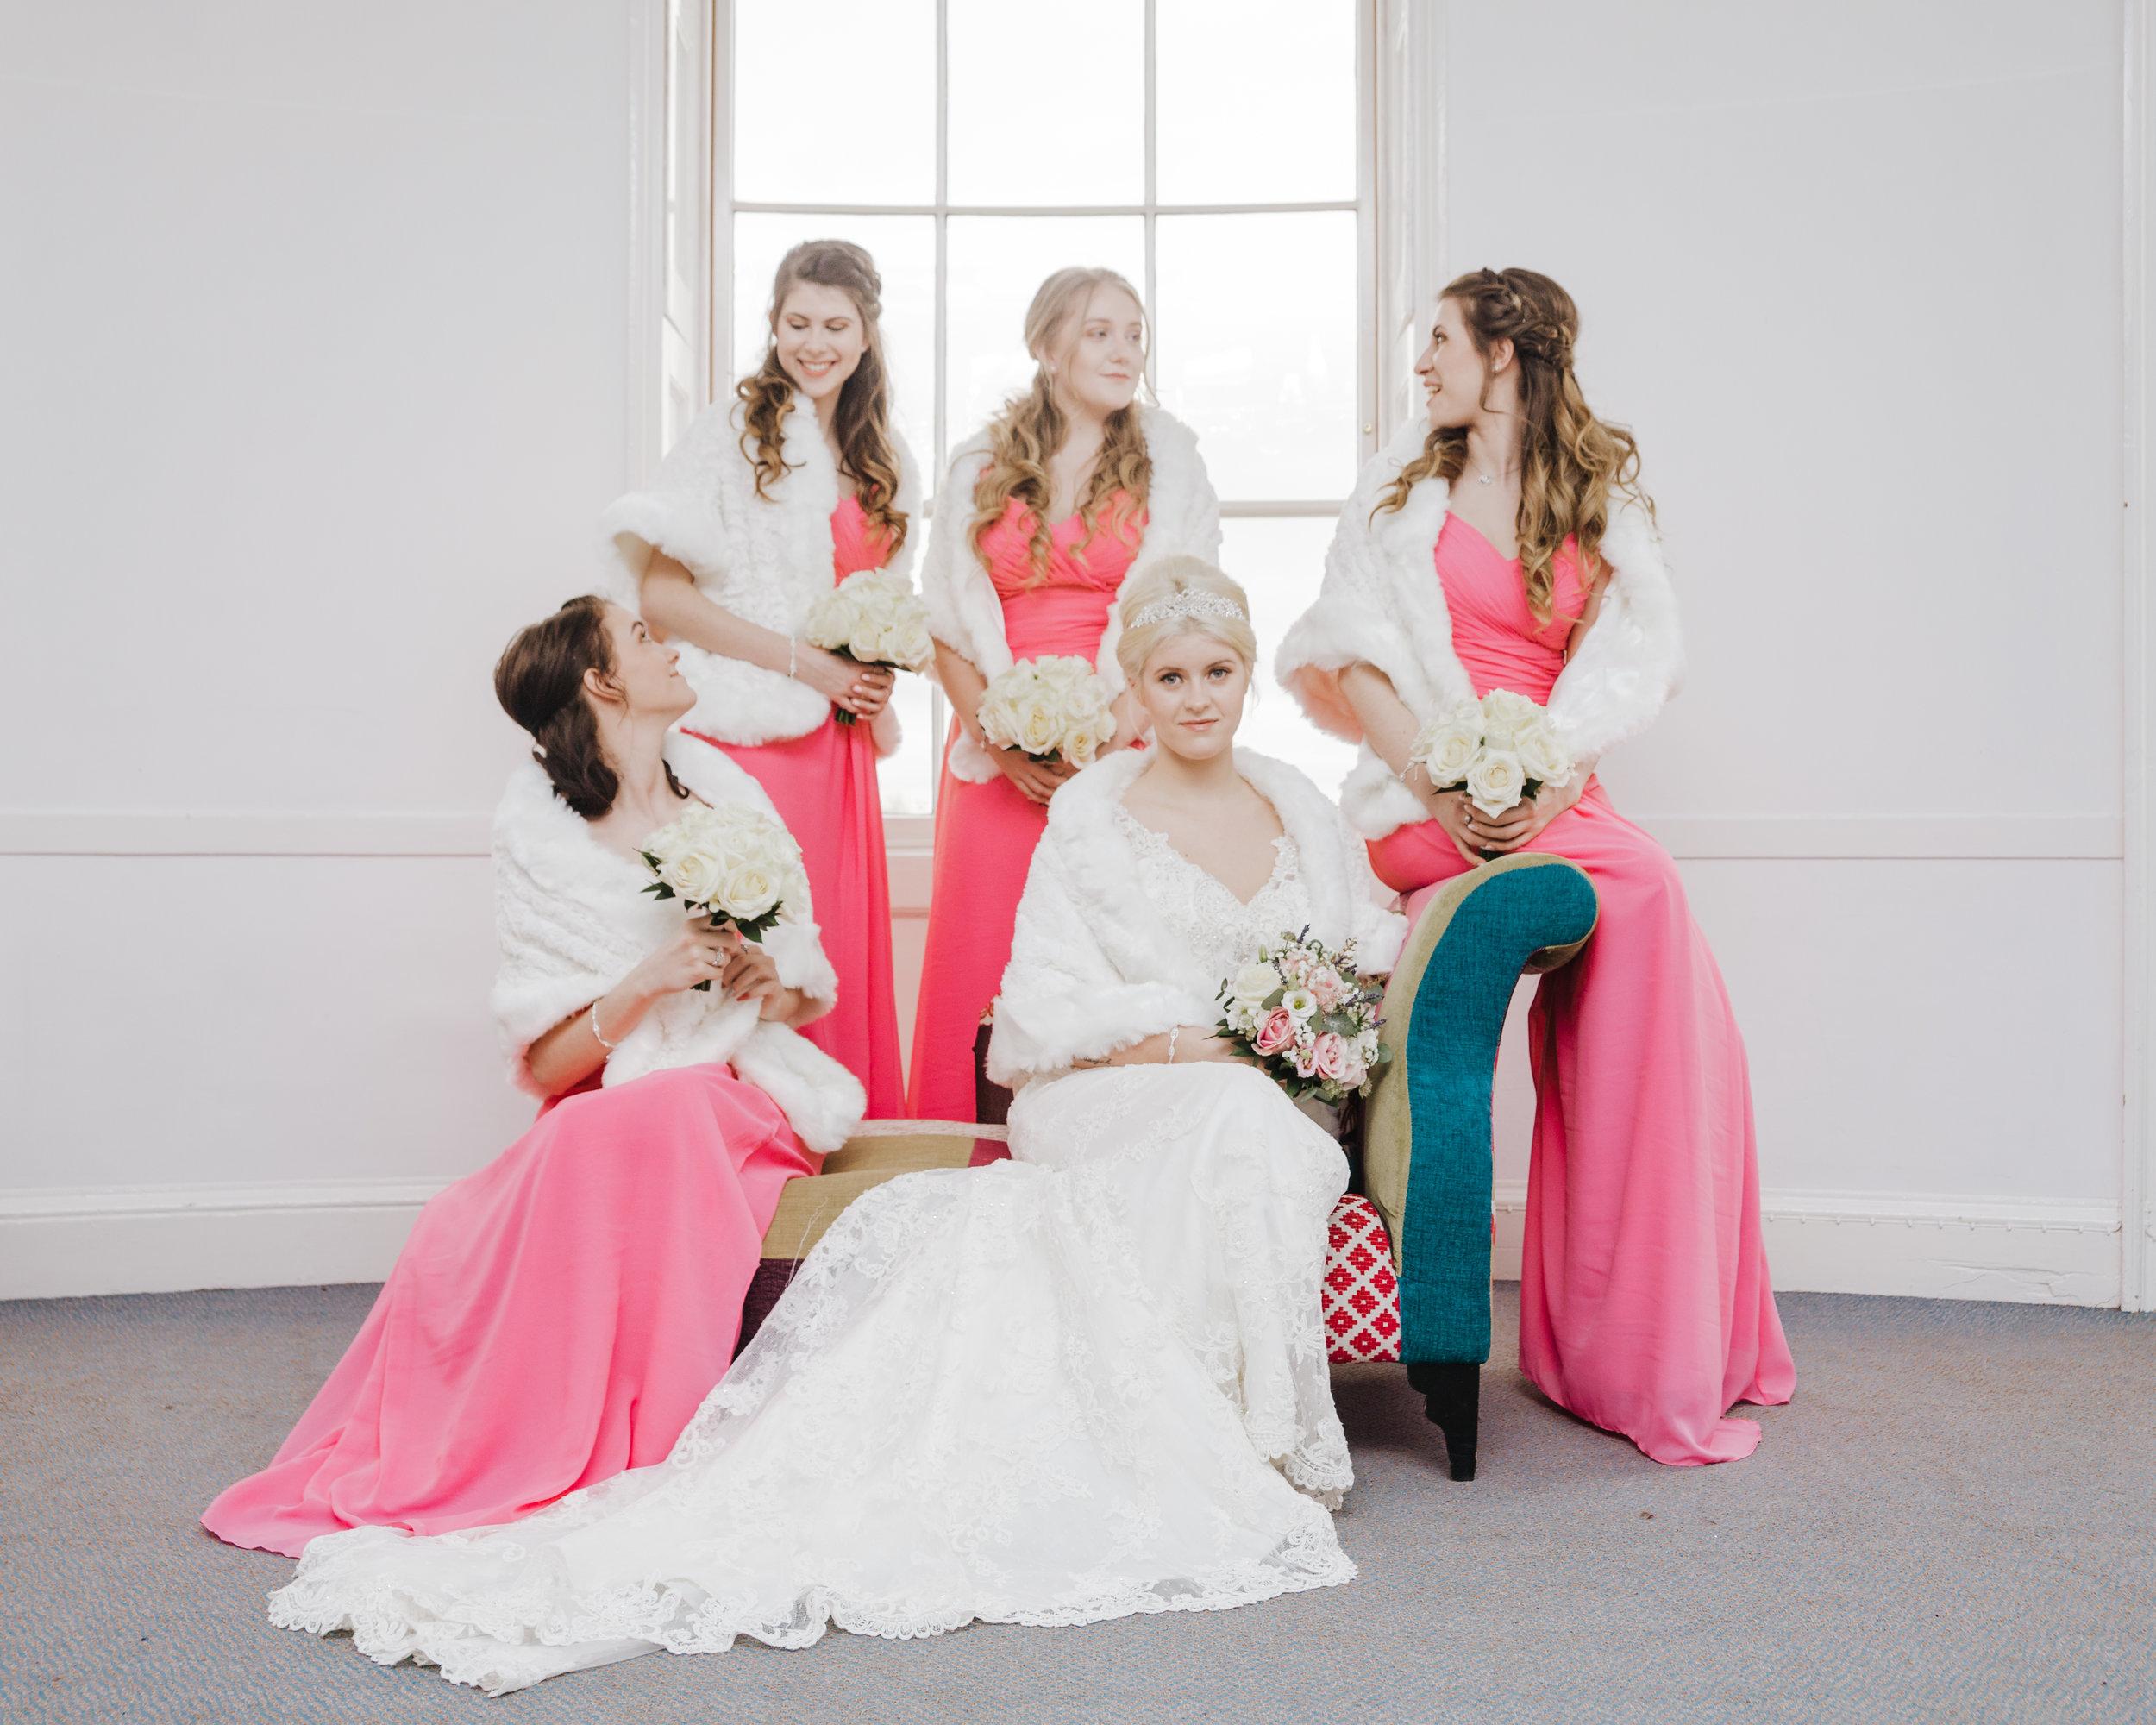 Woolverstone_Hall_Suffolk_Wedding_photography (32).jpg